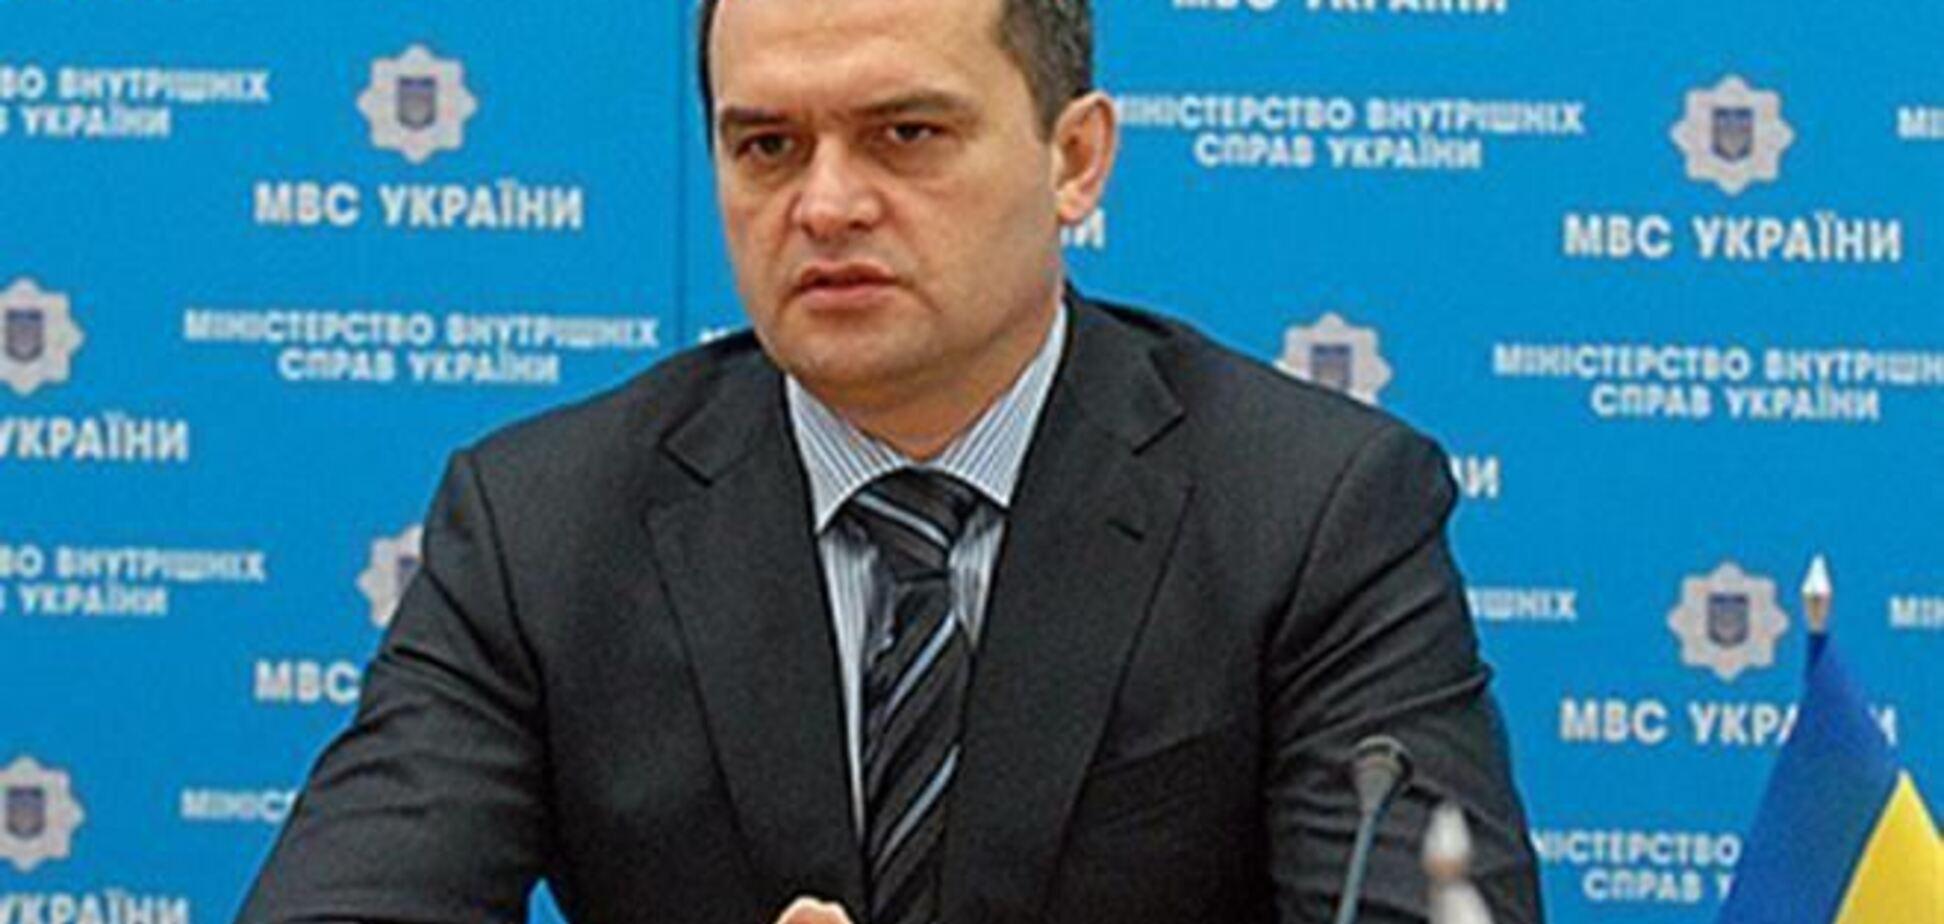 Захарченко подписал приказ о выдаче милиции боевого оружия